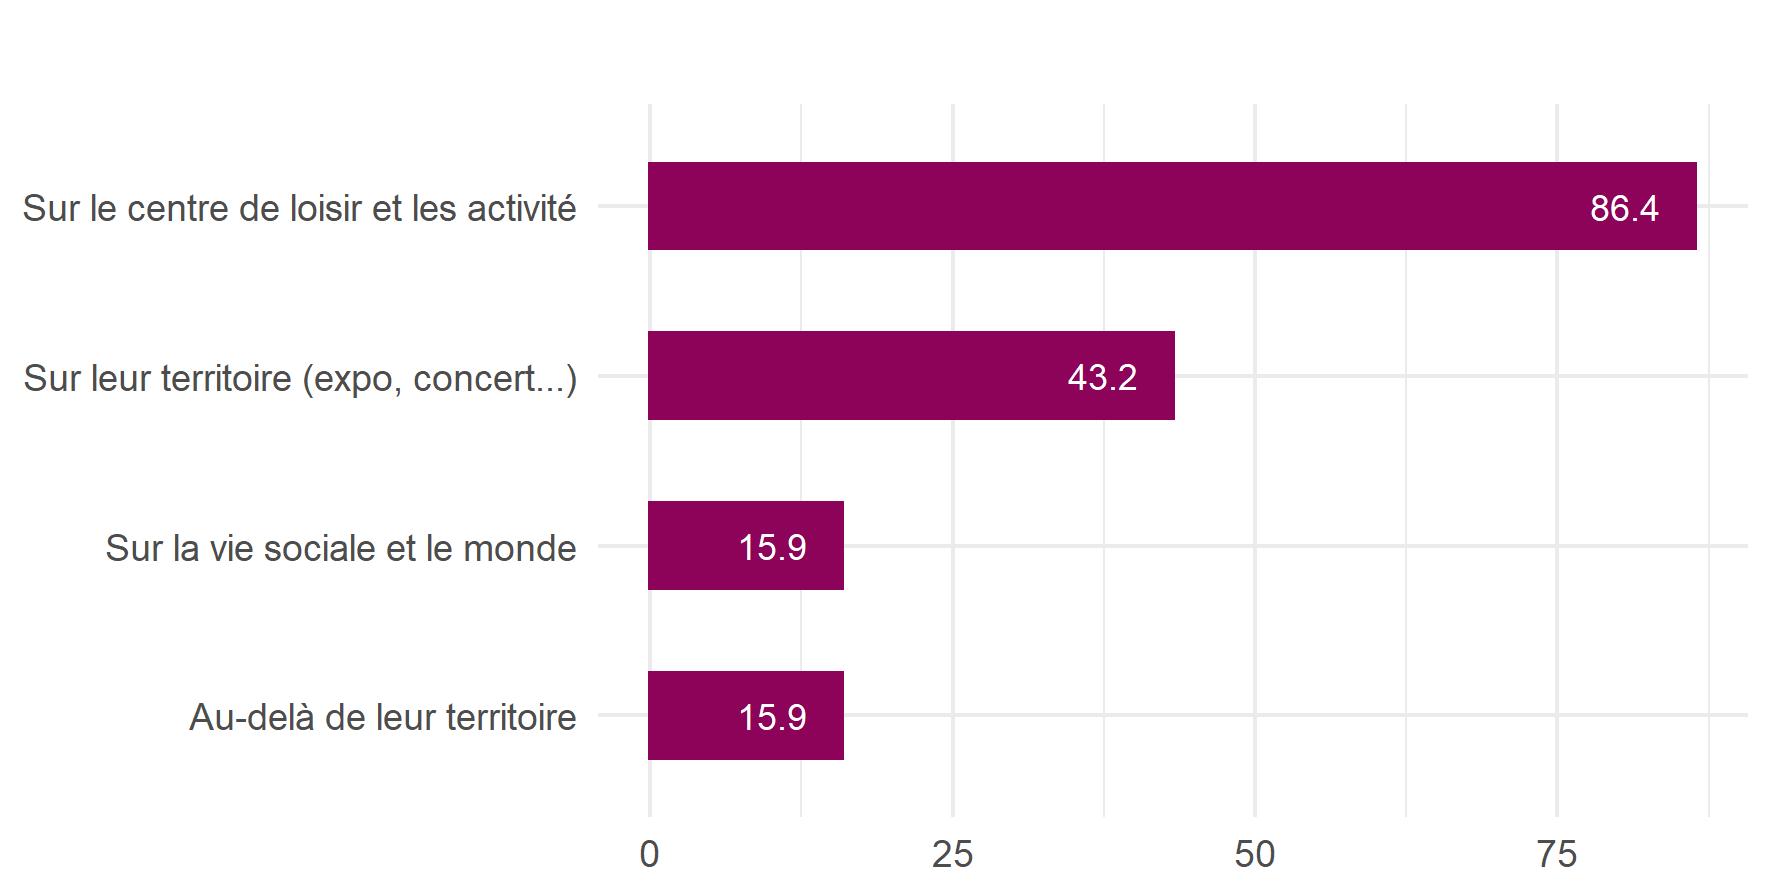 Graphique présentant les différents types d'informations mises à disposition des enfants dans les centres de loisirs éducatifs Francas